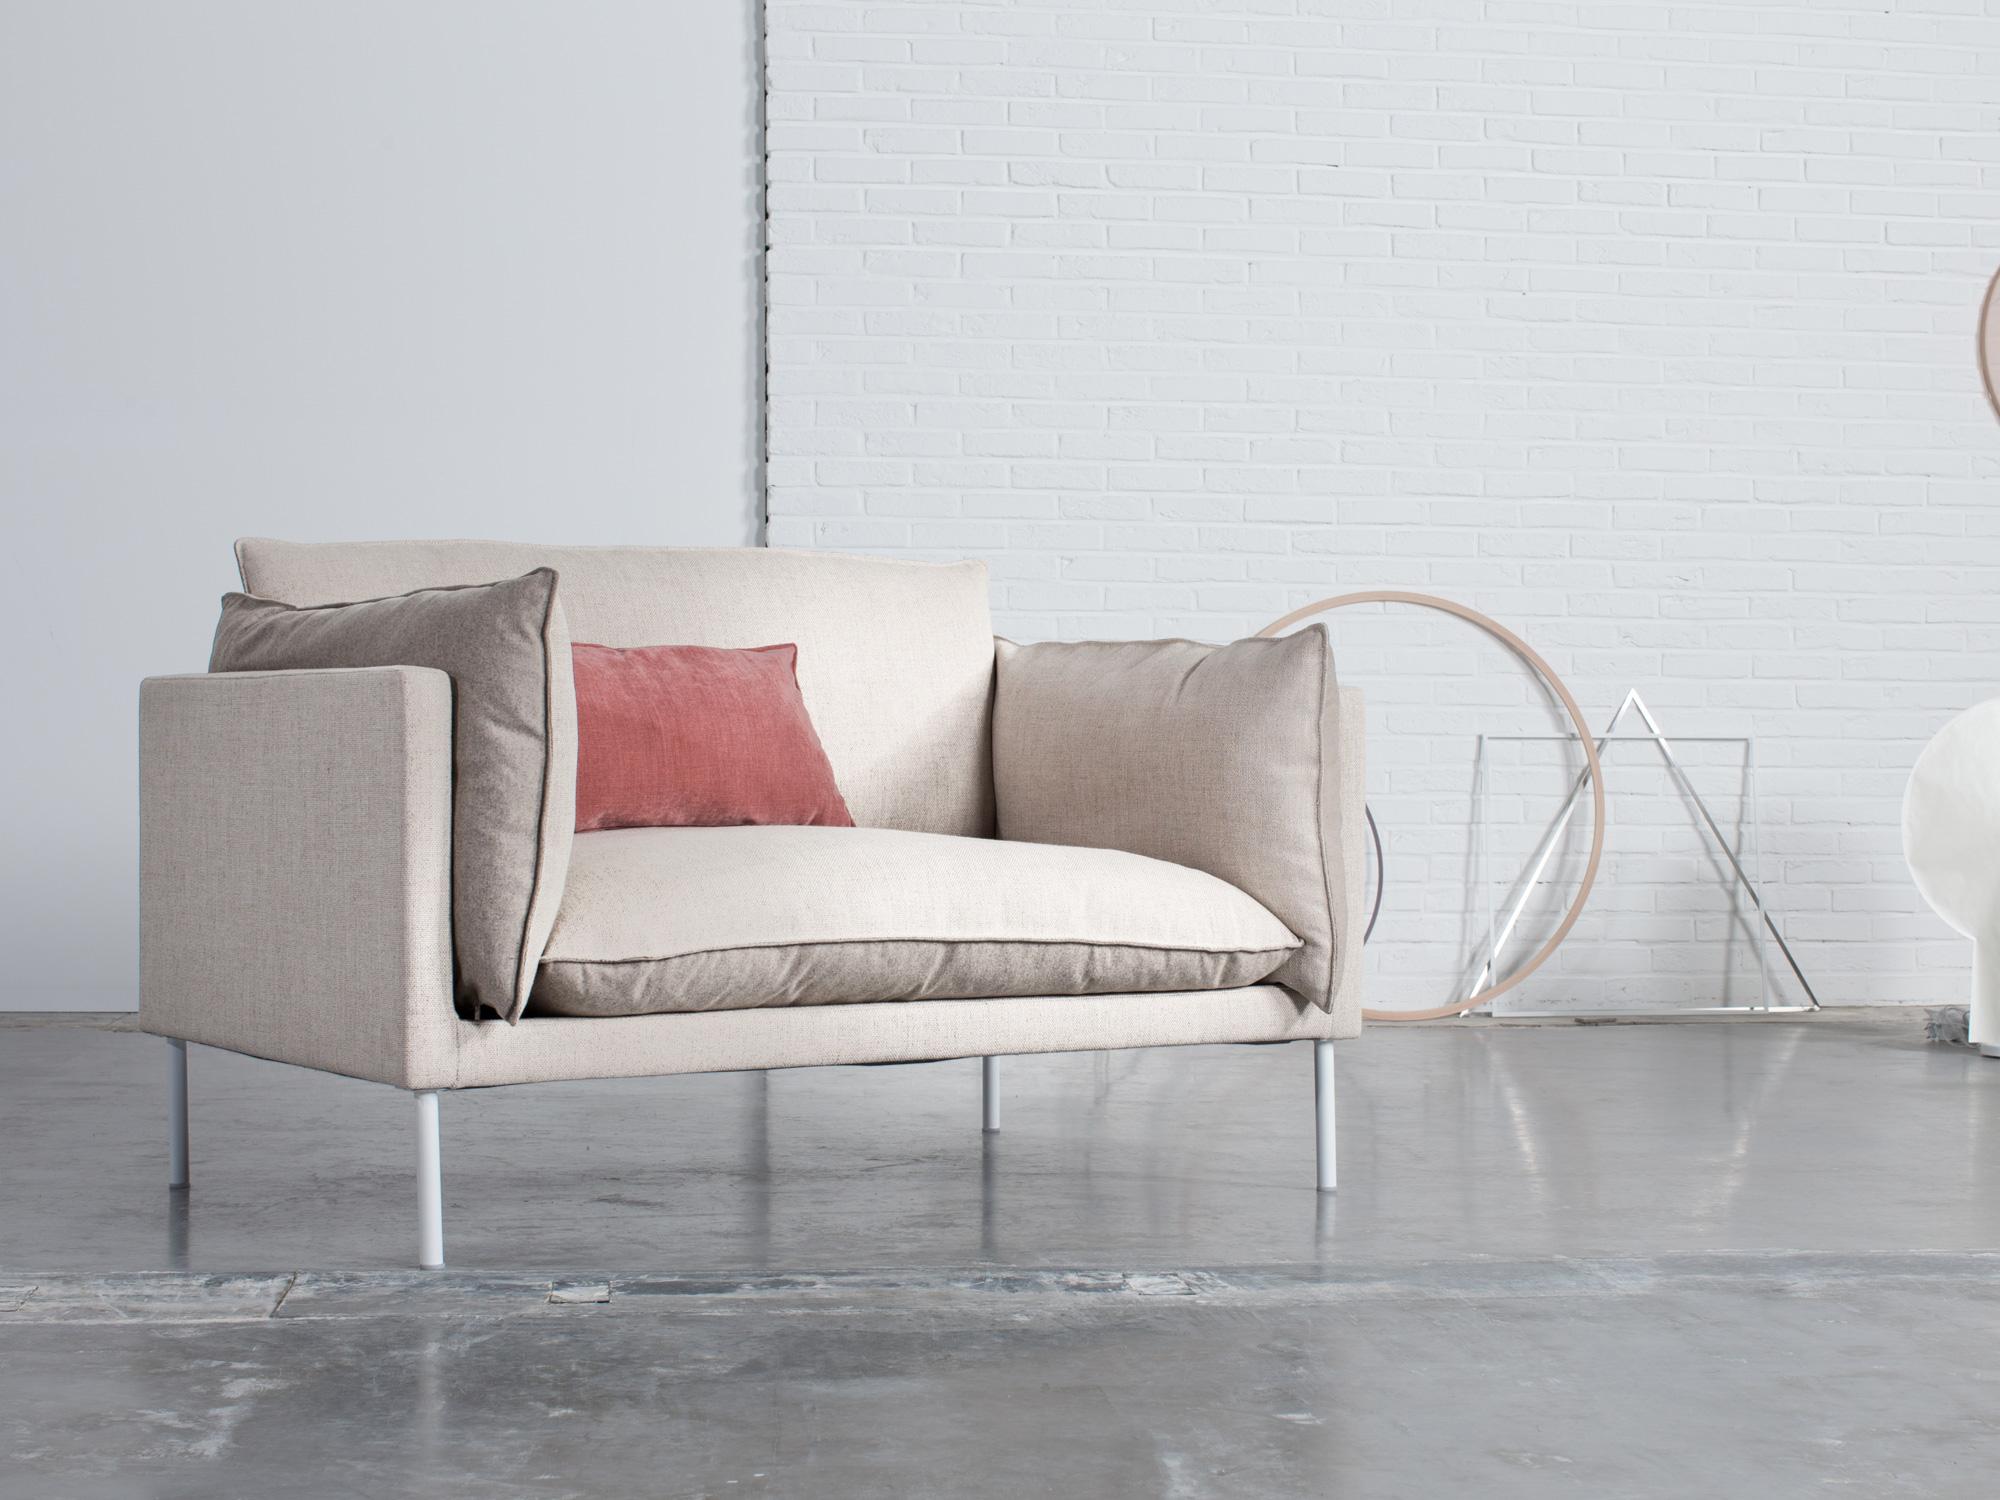 journuit nouvelle marque de canap s personnalisables. Black Bedroom Furniture Sets. Home Design Ideas